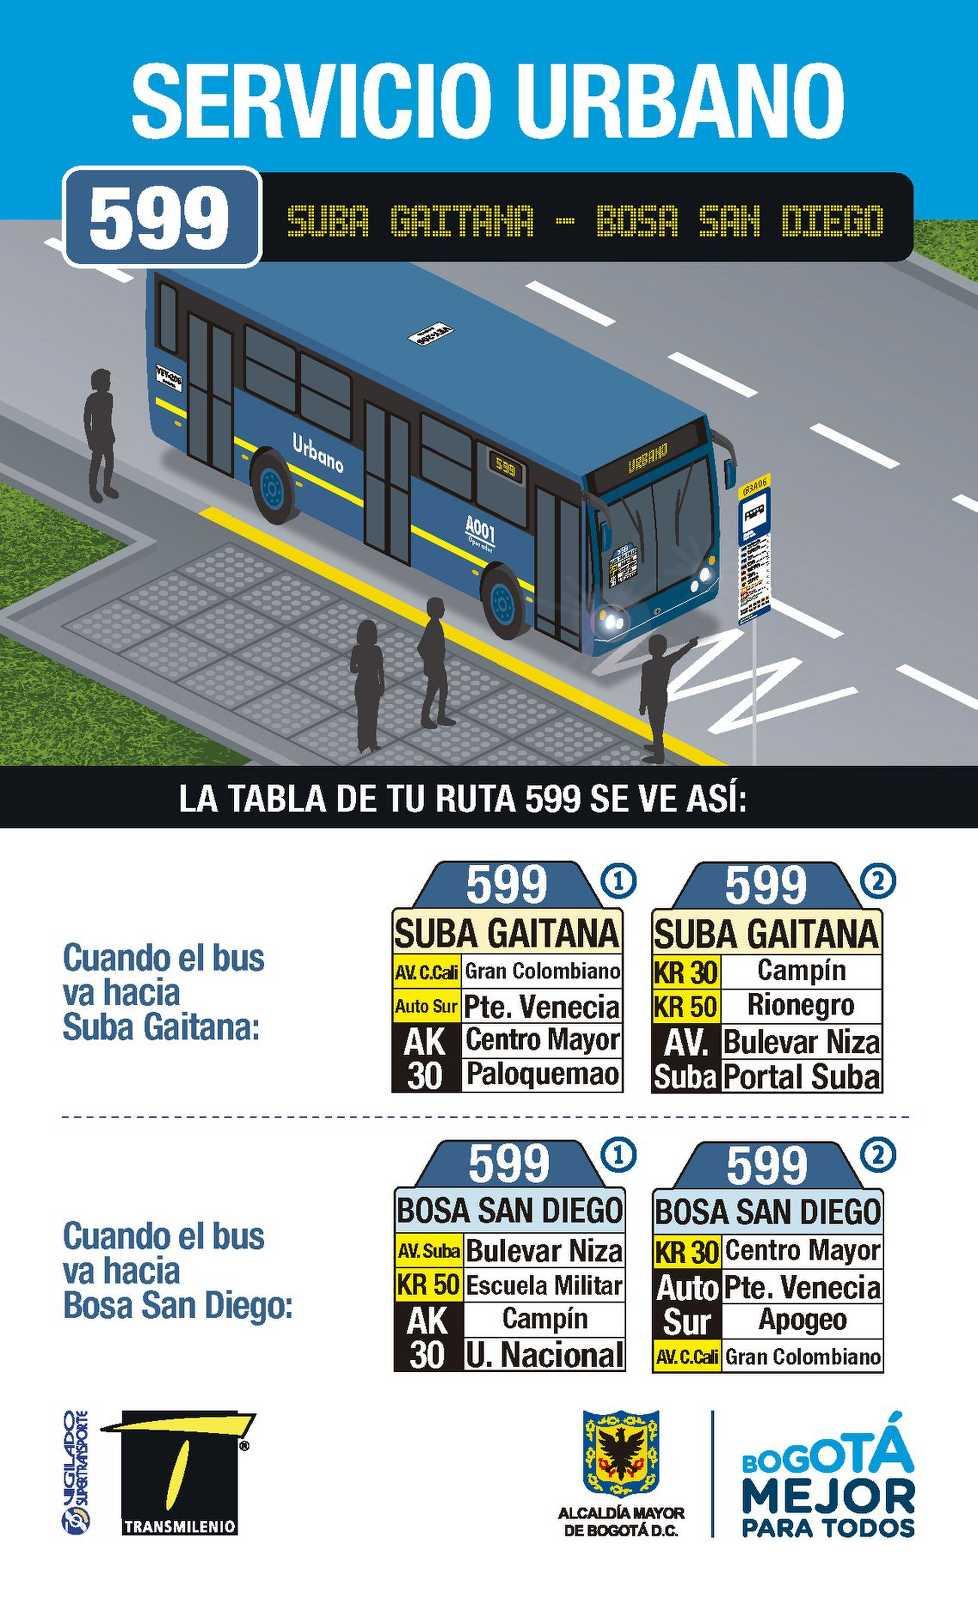 599 > Suba Gaitana - Bosa San Diego (volante cara A)